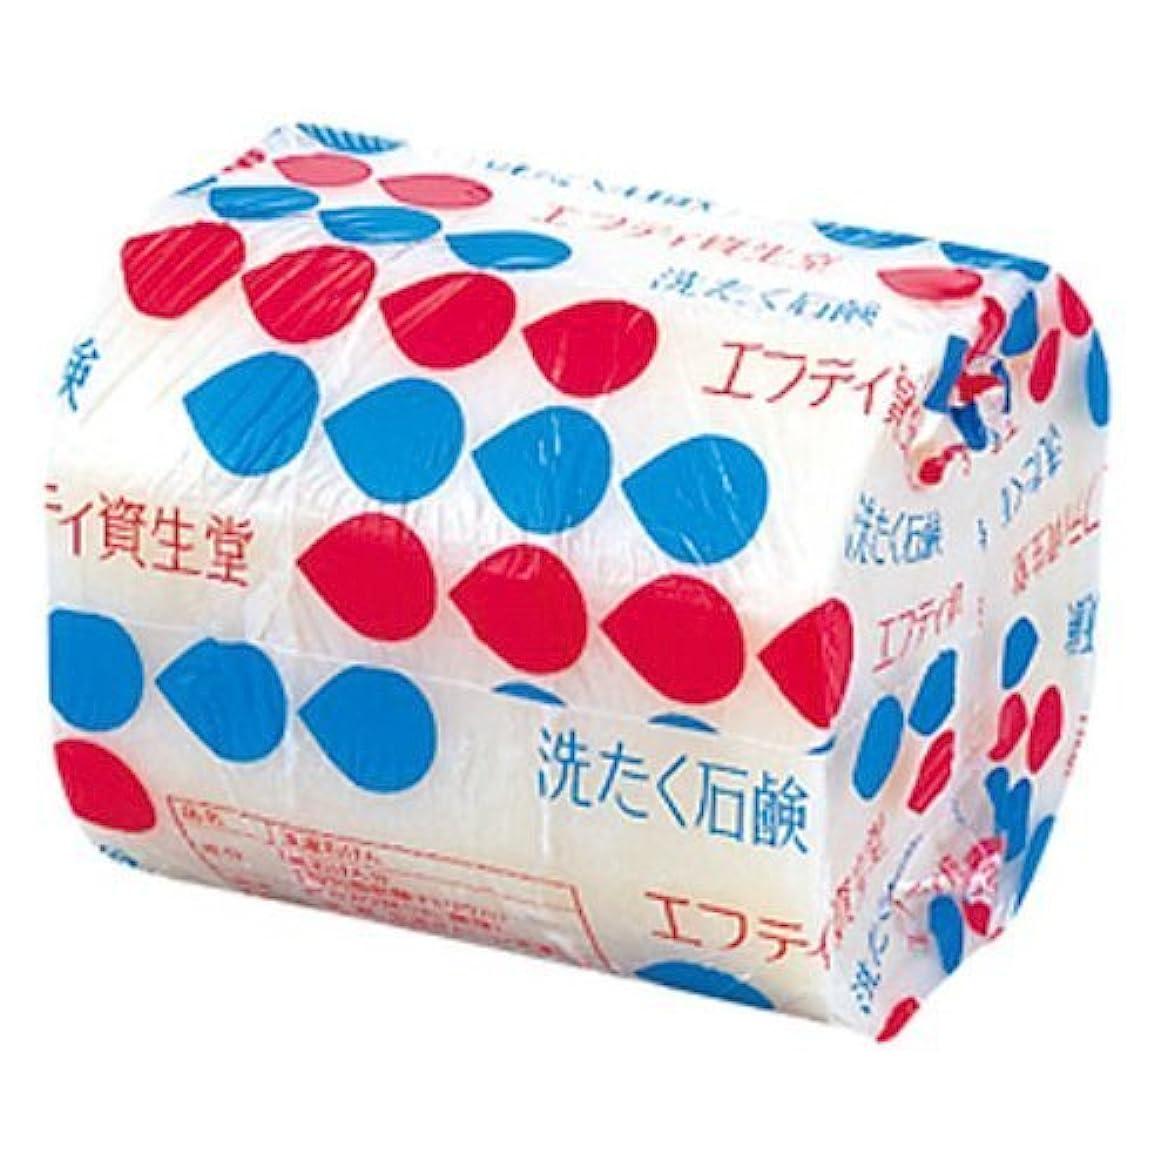 承認する農夫好み【資生堂】エフティ資生堂洗たく石鹸花椿型3コパック200g